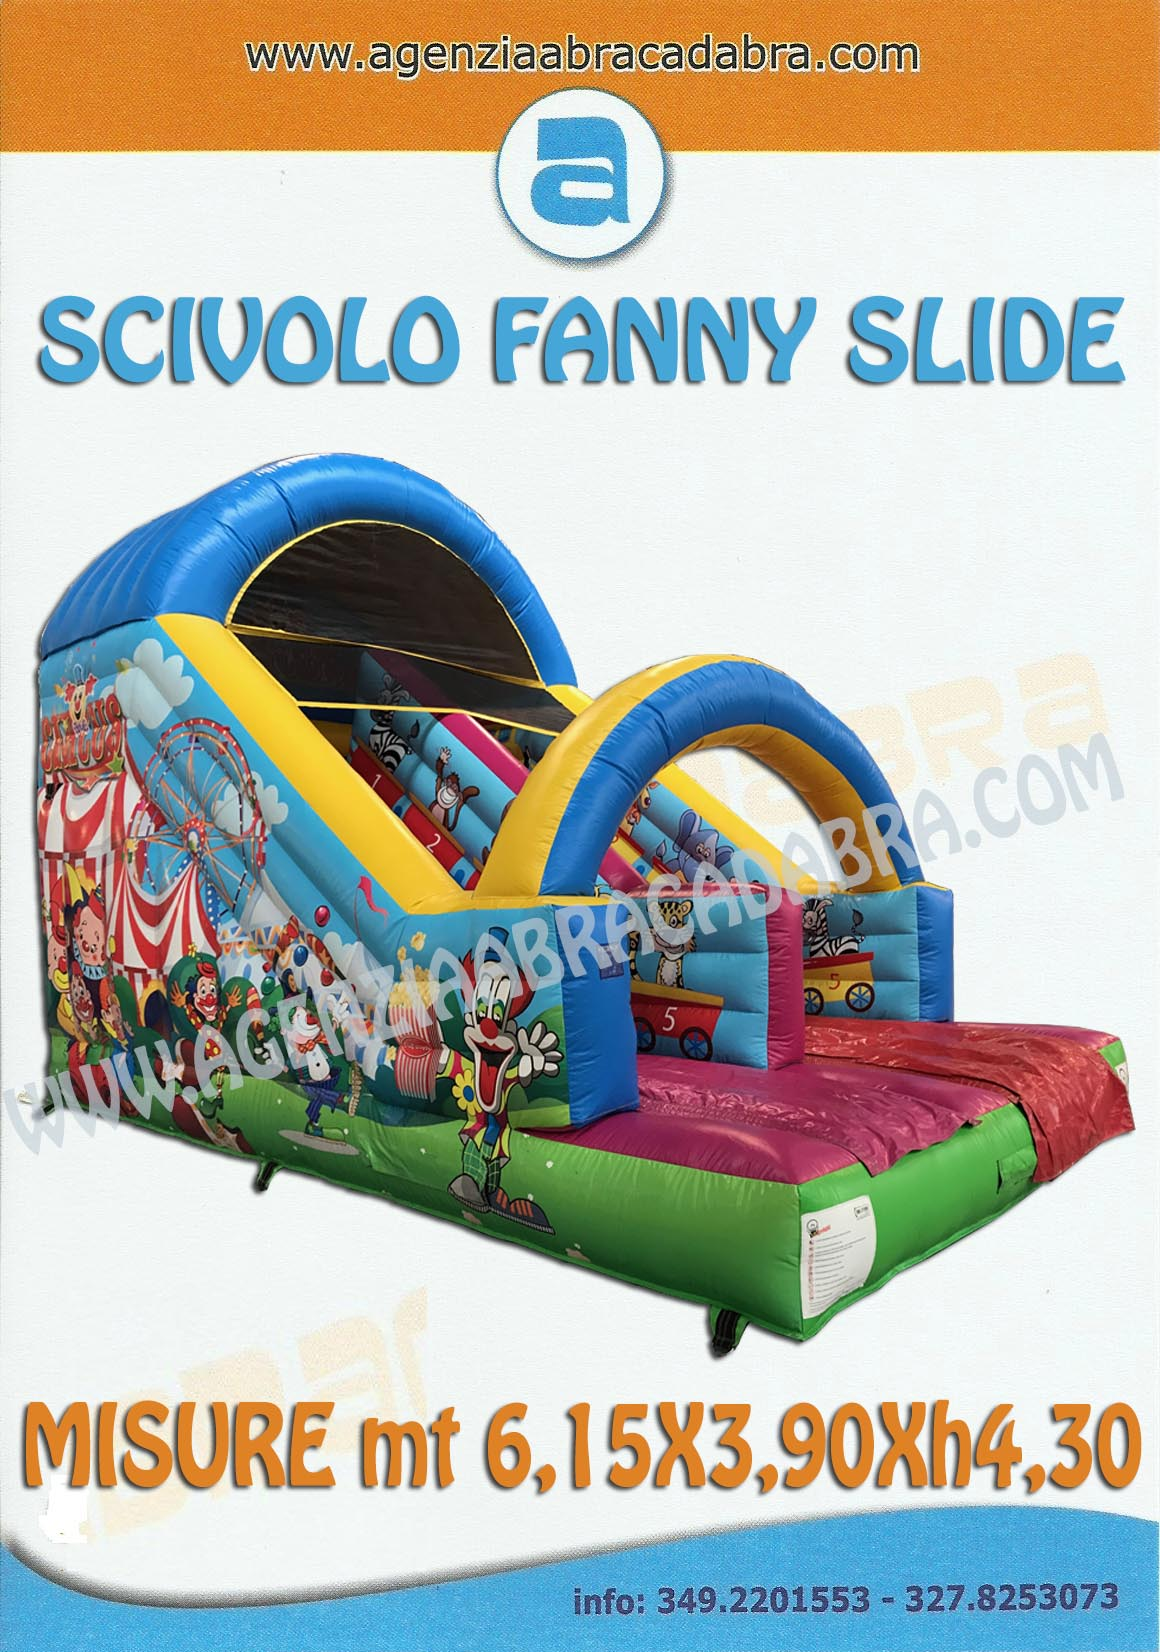 scivolo-fanny-slide